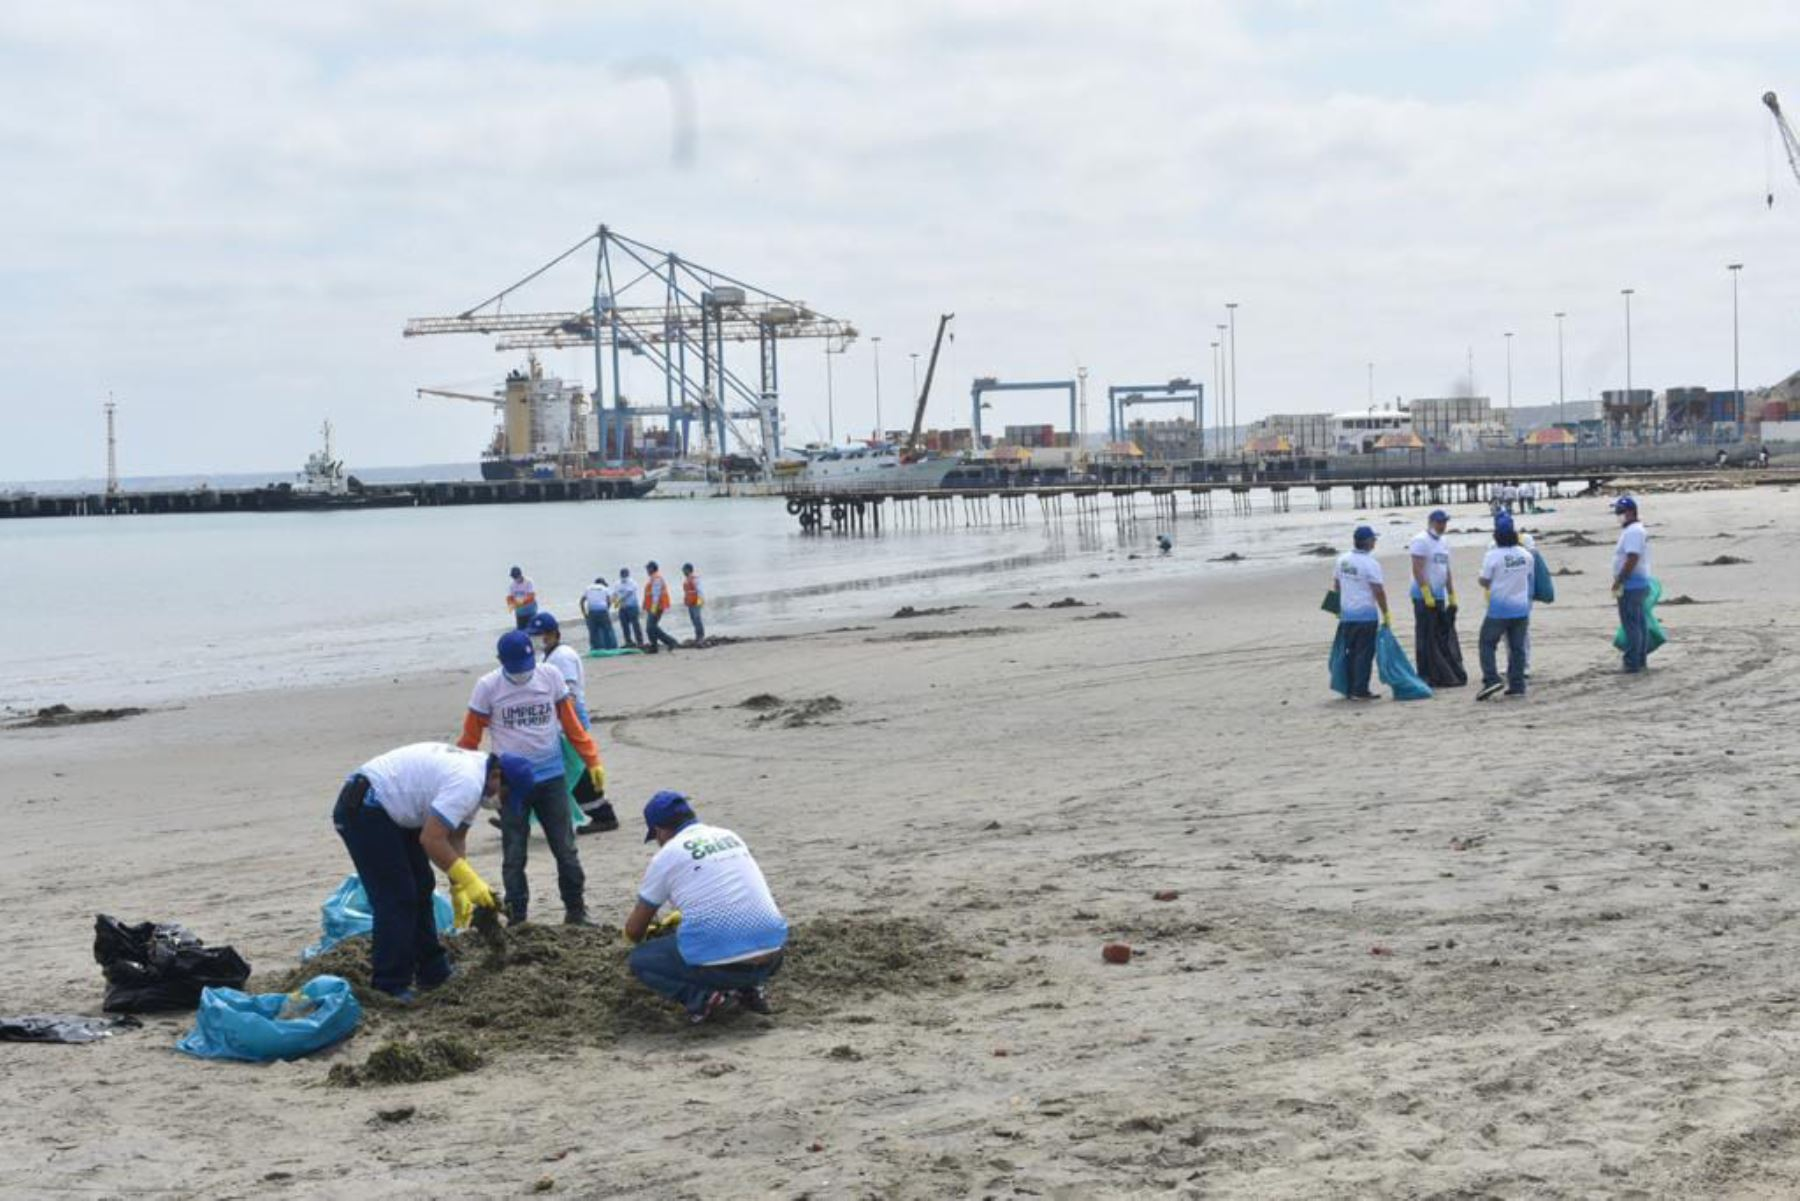 Realizan campaña de limpieza en playa El Toril en Paita, Piura. ANDINA/Difusión